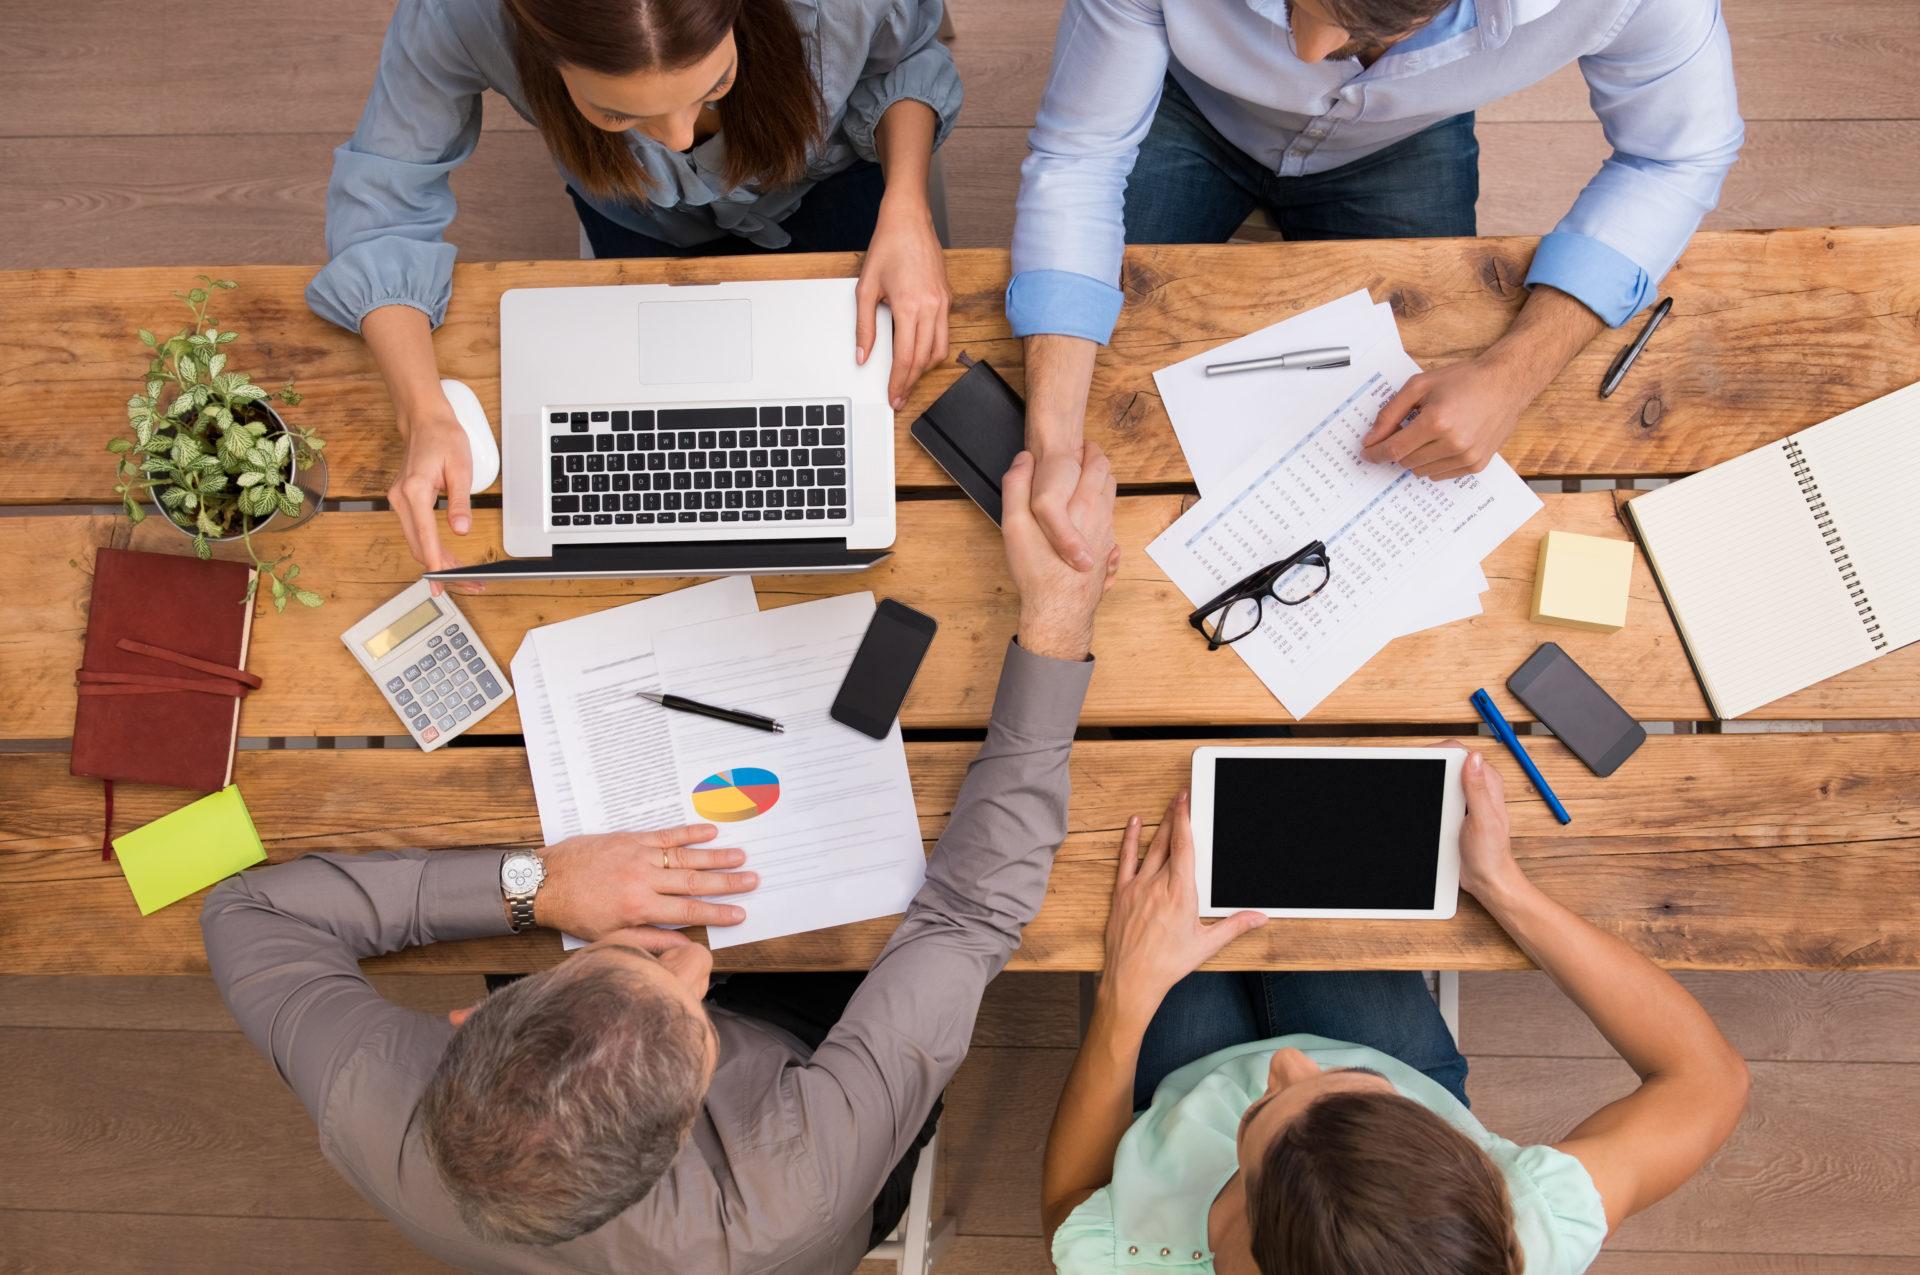 emprendimiento, startup, negocio, jóvenes, google, campus, bbva, recurso